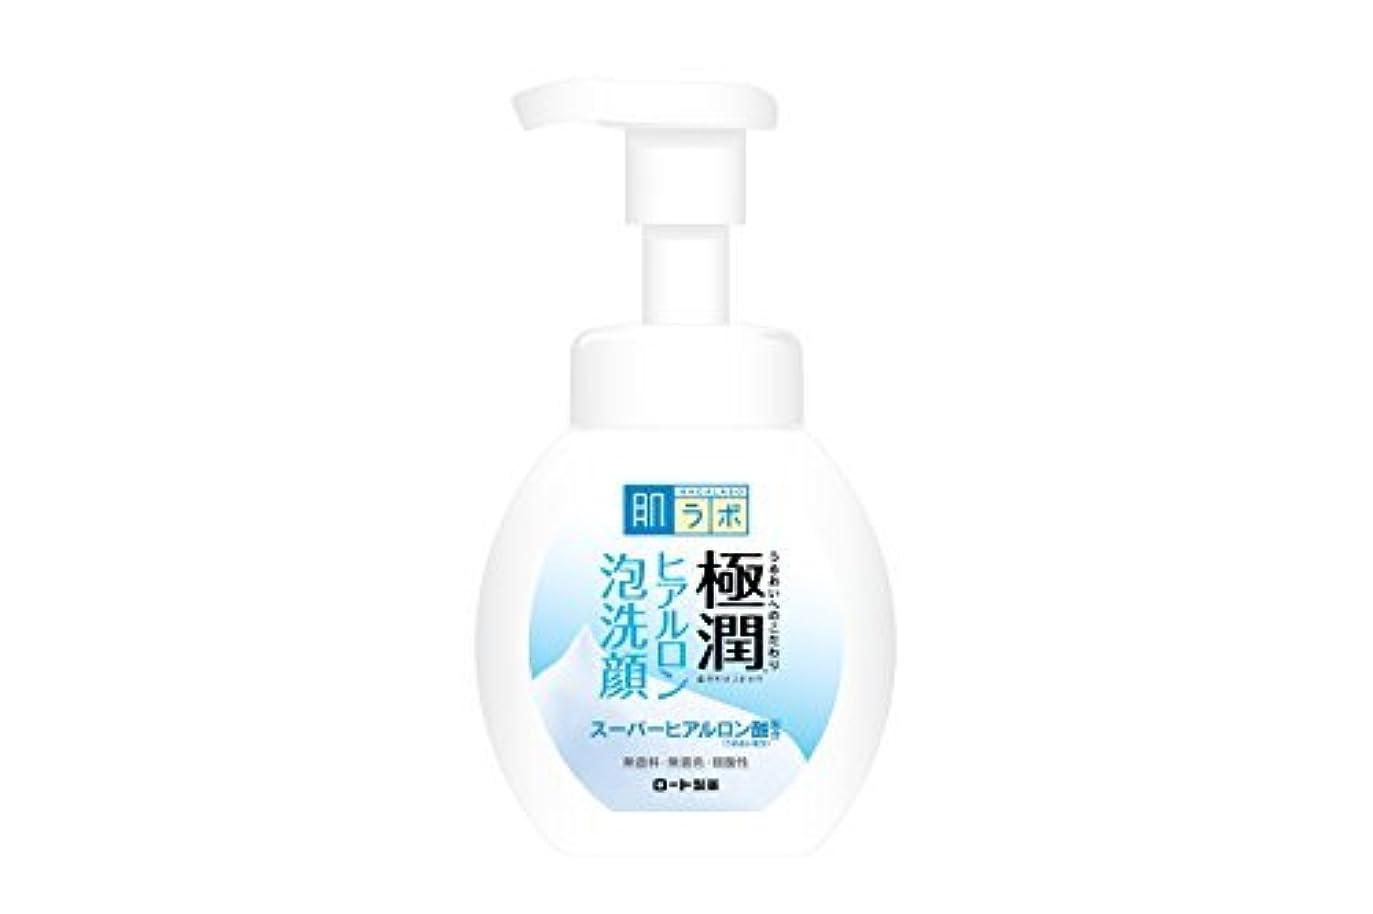 スキニー犯罪管理する肌研(ハダラボ) 極潤 ヒアルロン 泡洗顔 160mL